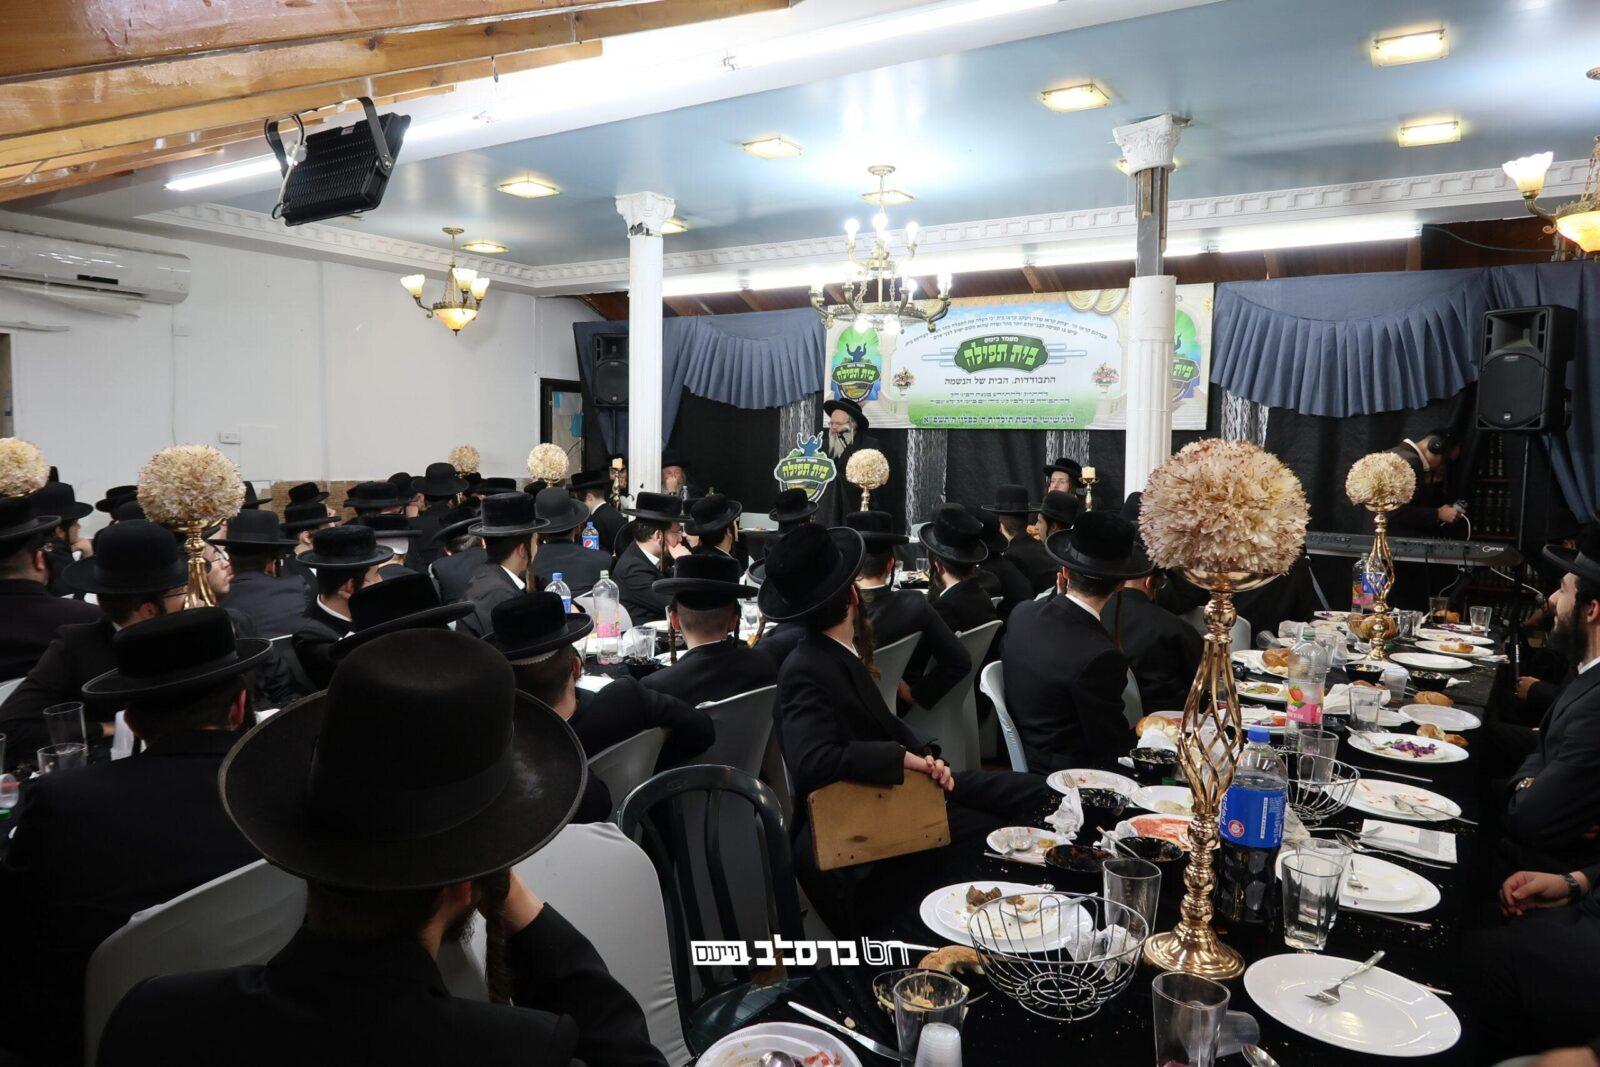 ישיבת 'מתיבתא' • מעמד מפואר לעידוד חובת 'ההתבודדות' לבחורי ישיבה גדולה ברסלב ירושלים